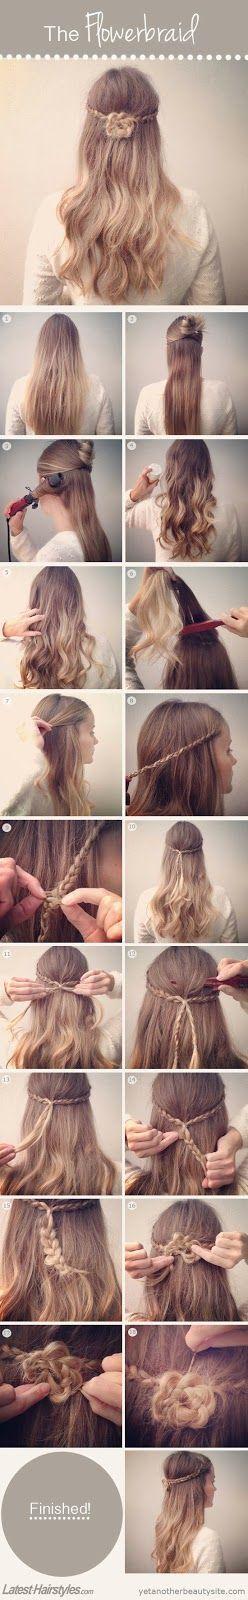 Hermoso peinado http://t.co/ksAIotFKBR